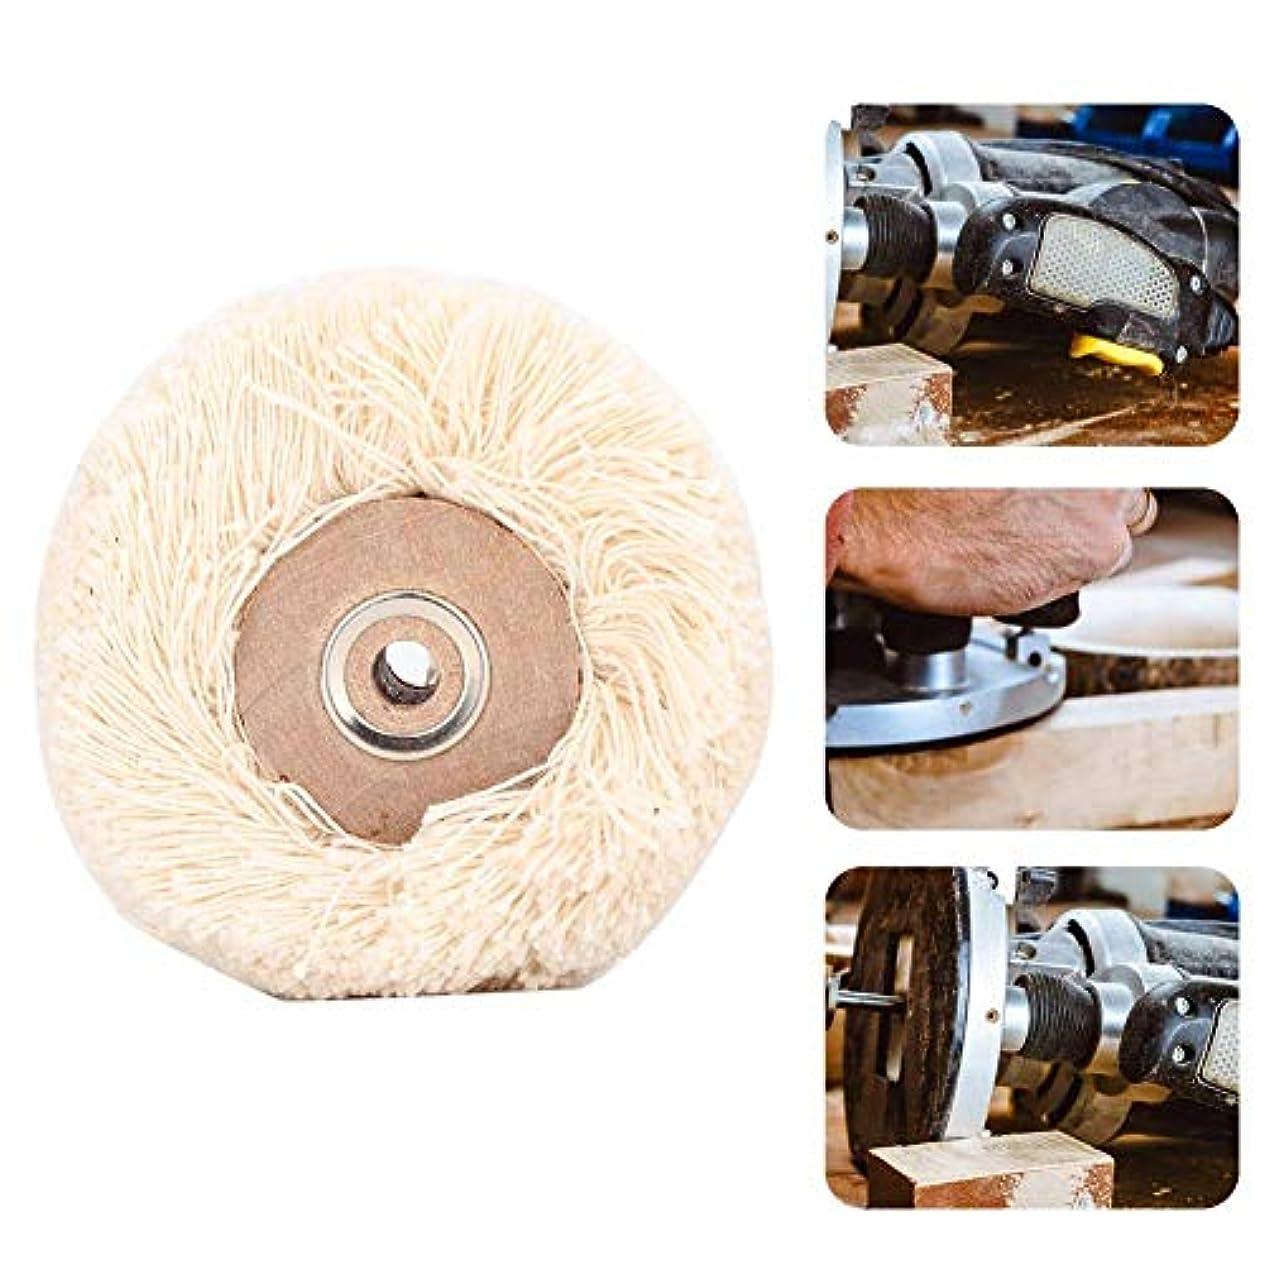 喜びまっすぐ関係する研磨ヘッド 回転工具 研磨ドリルグラインダーホイールブラシジュエリー研磨工具(M)